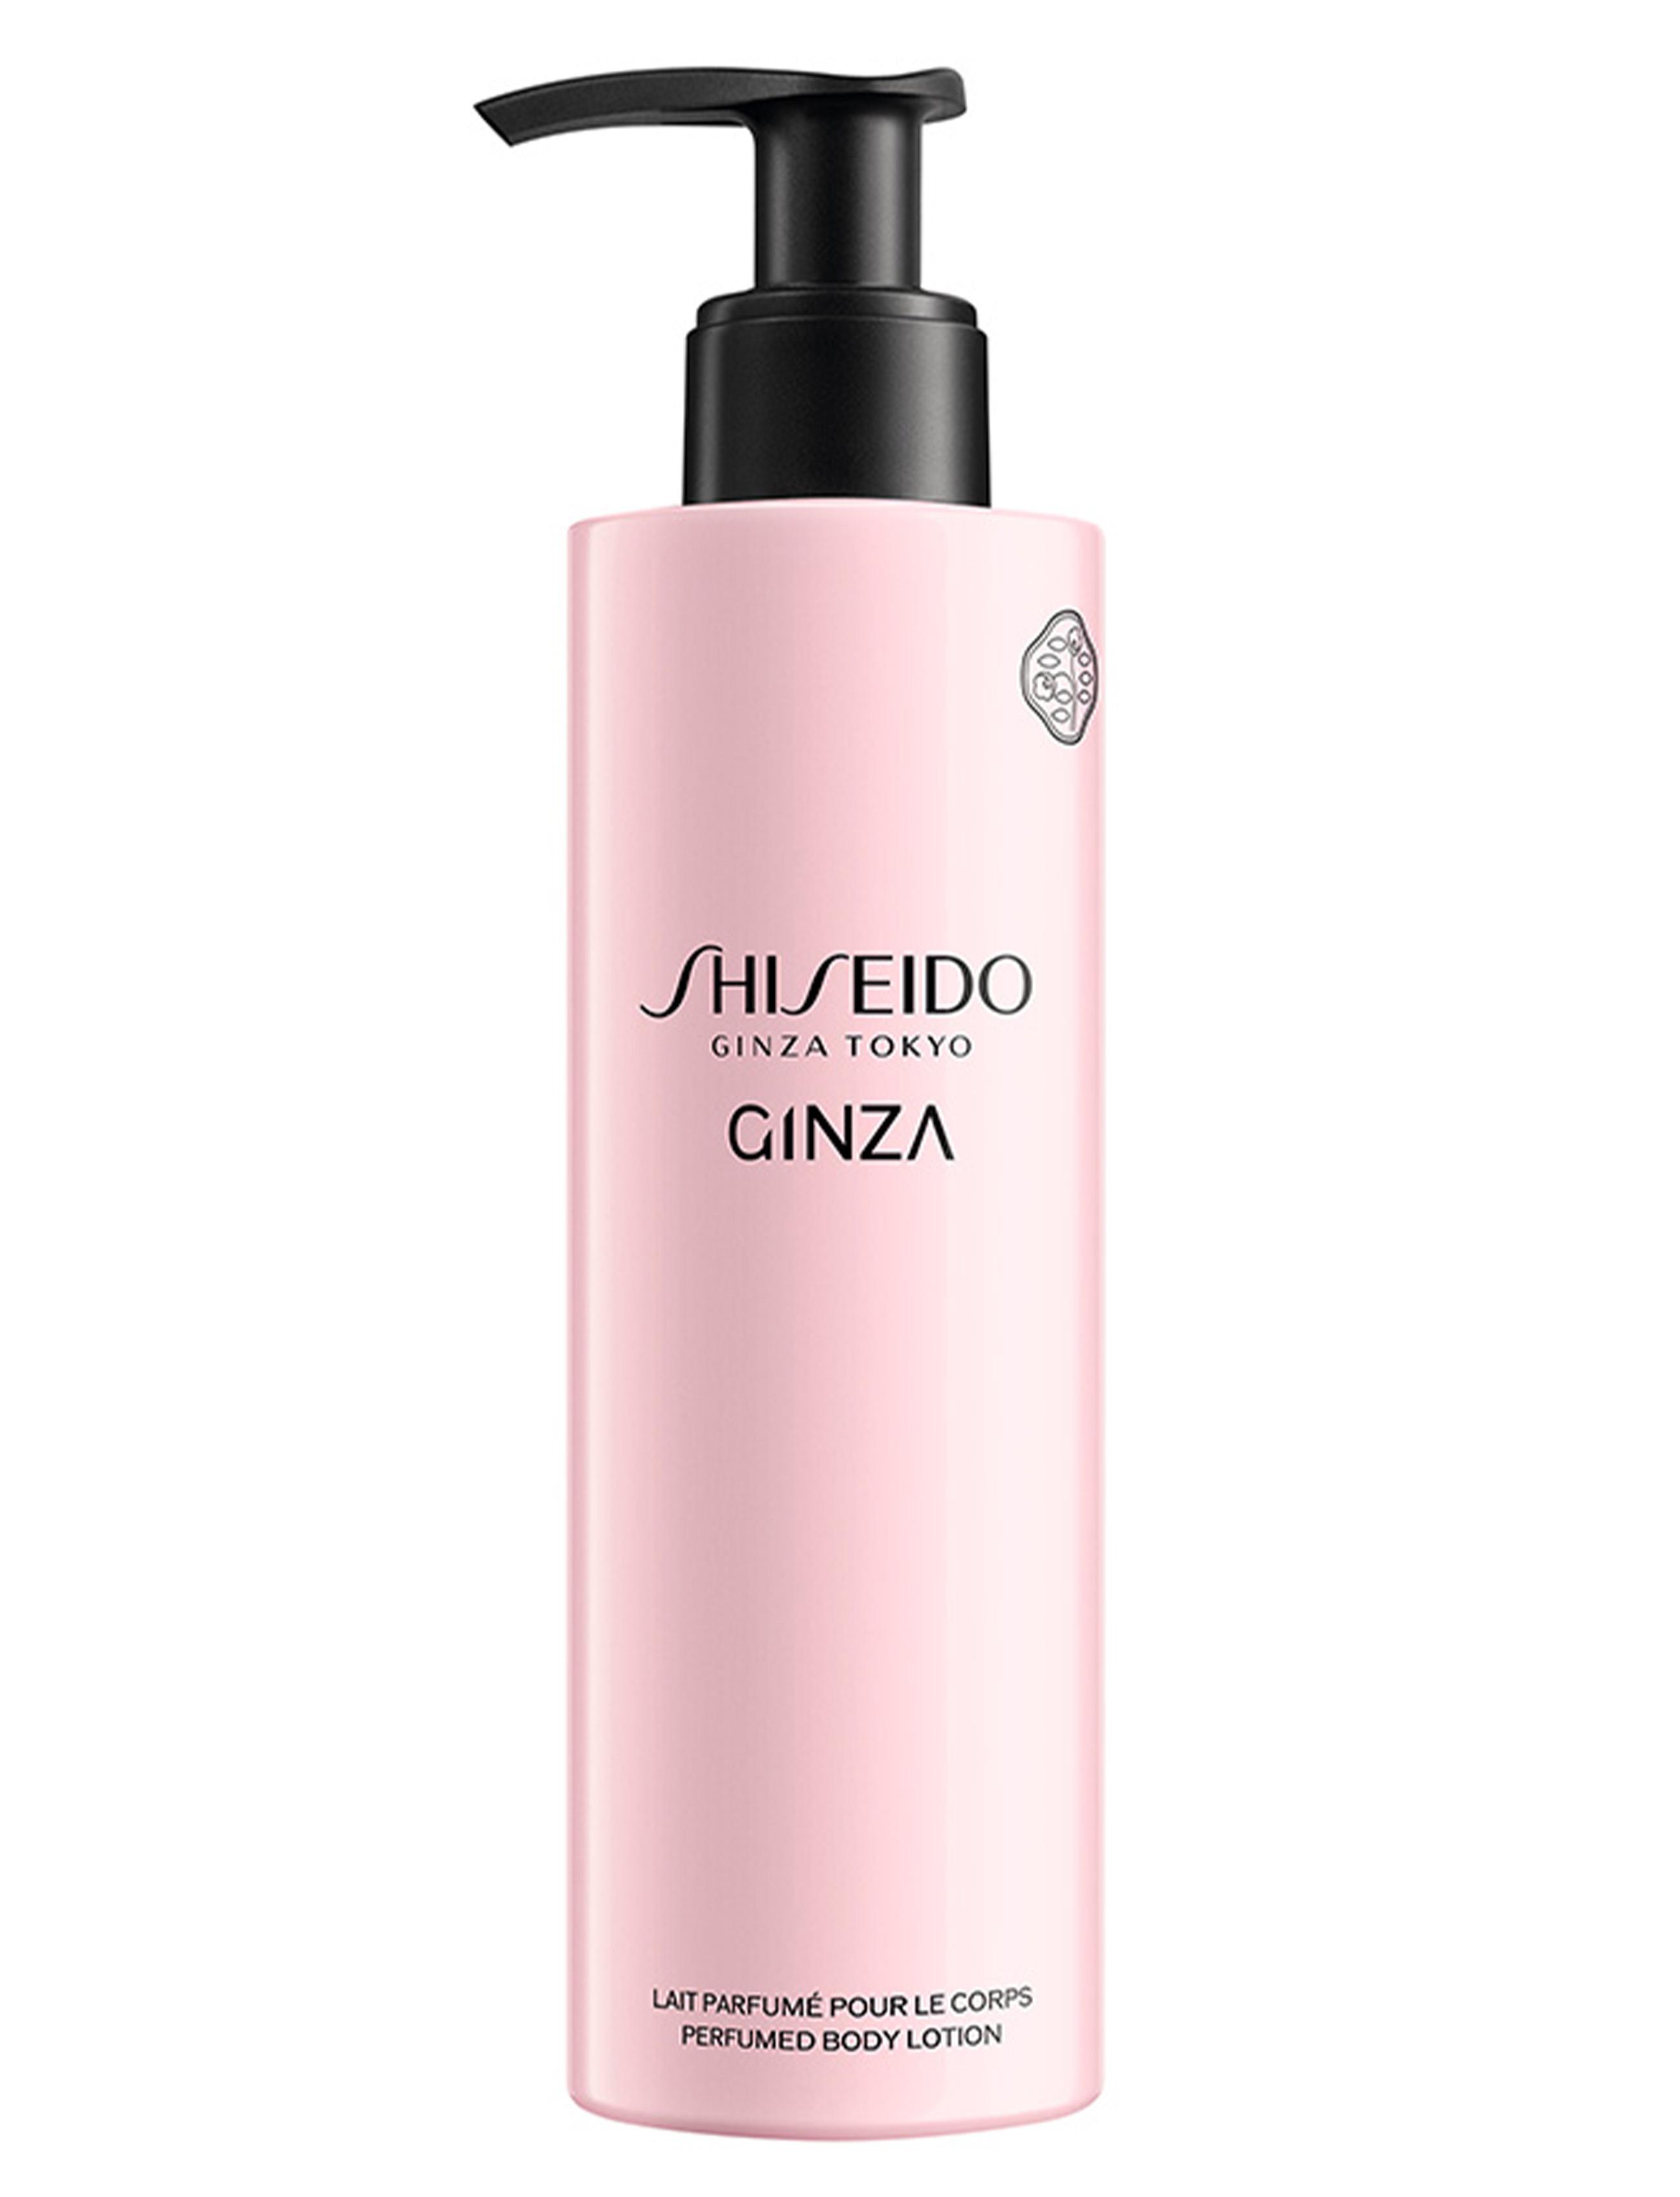 Shiseido Ginza Bodylotion, 200 ml